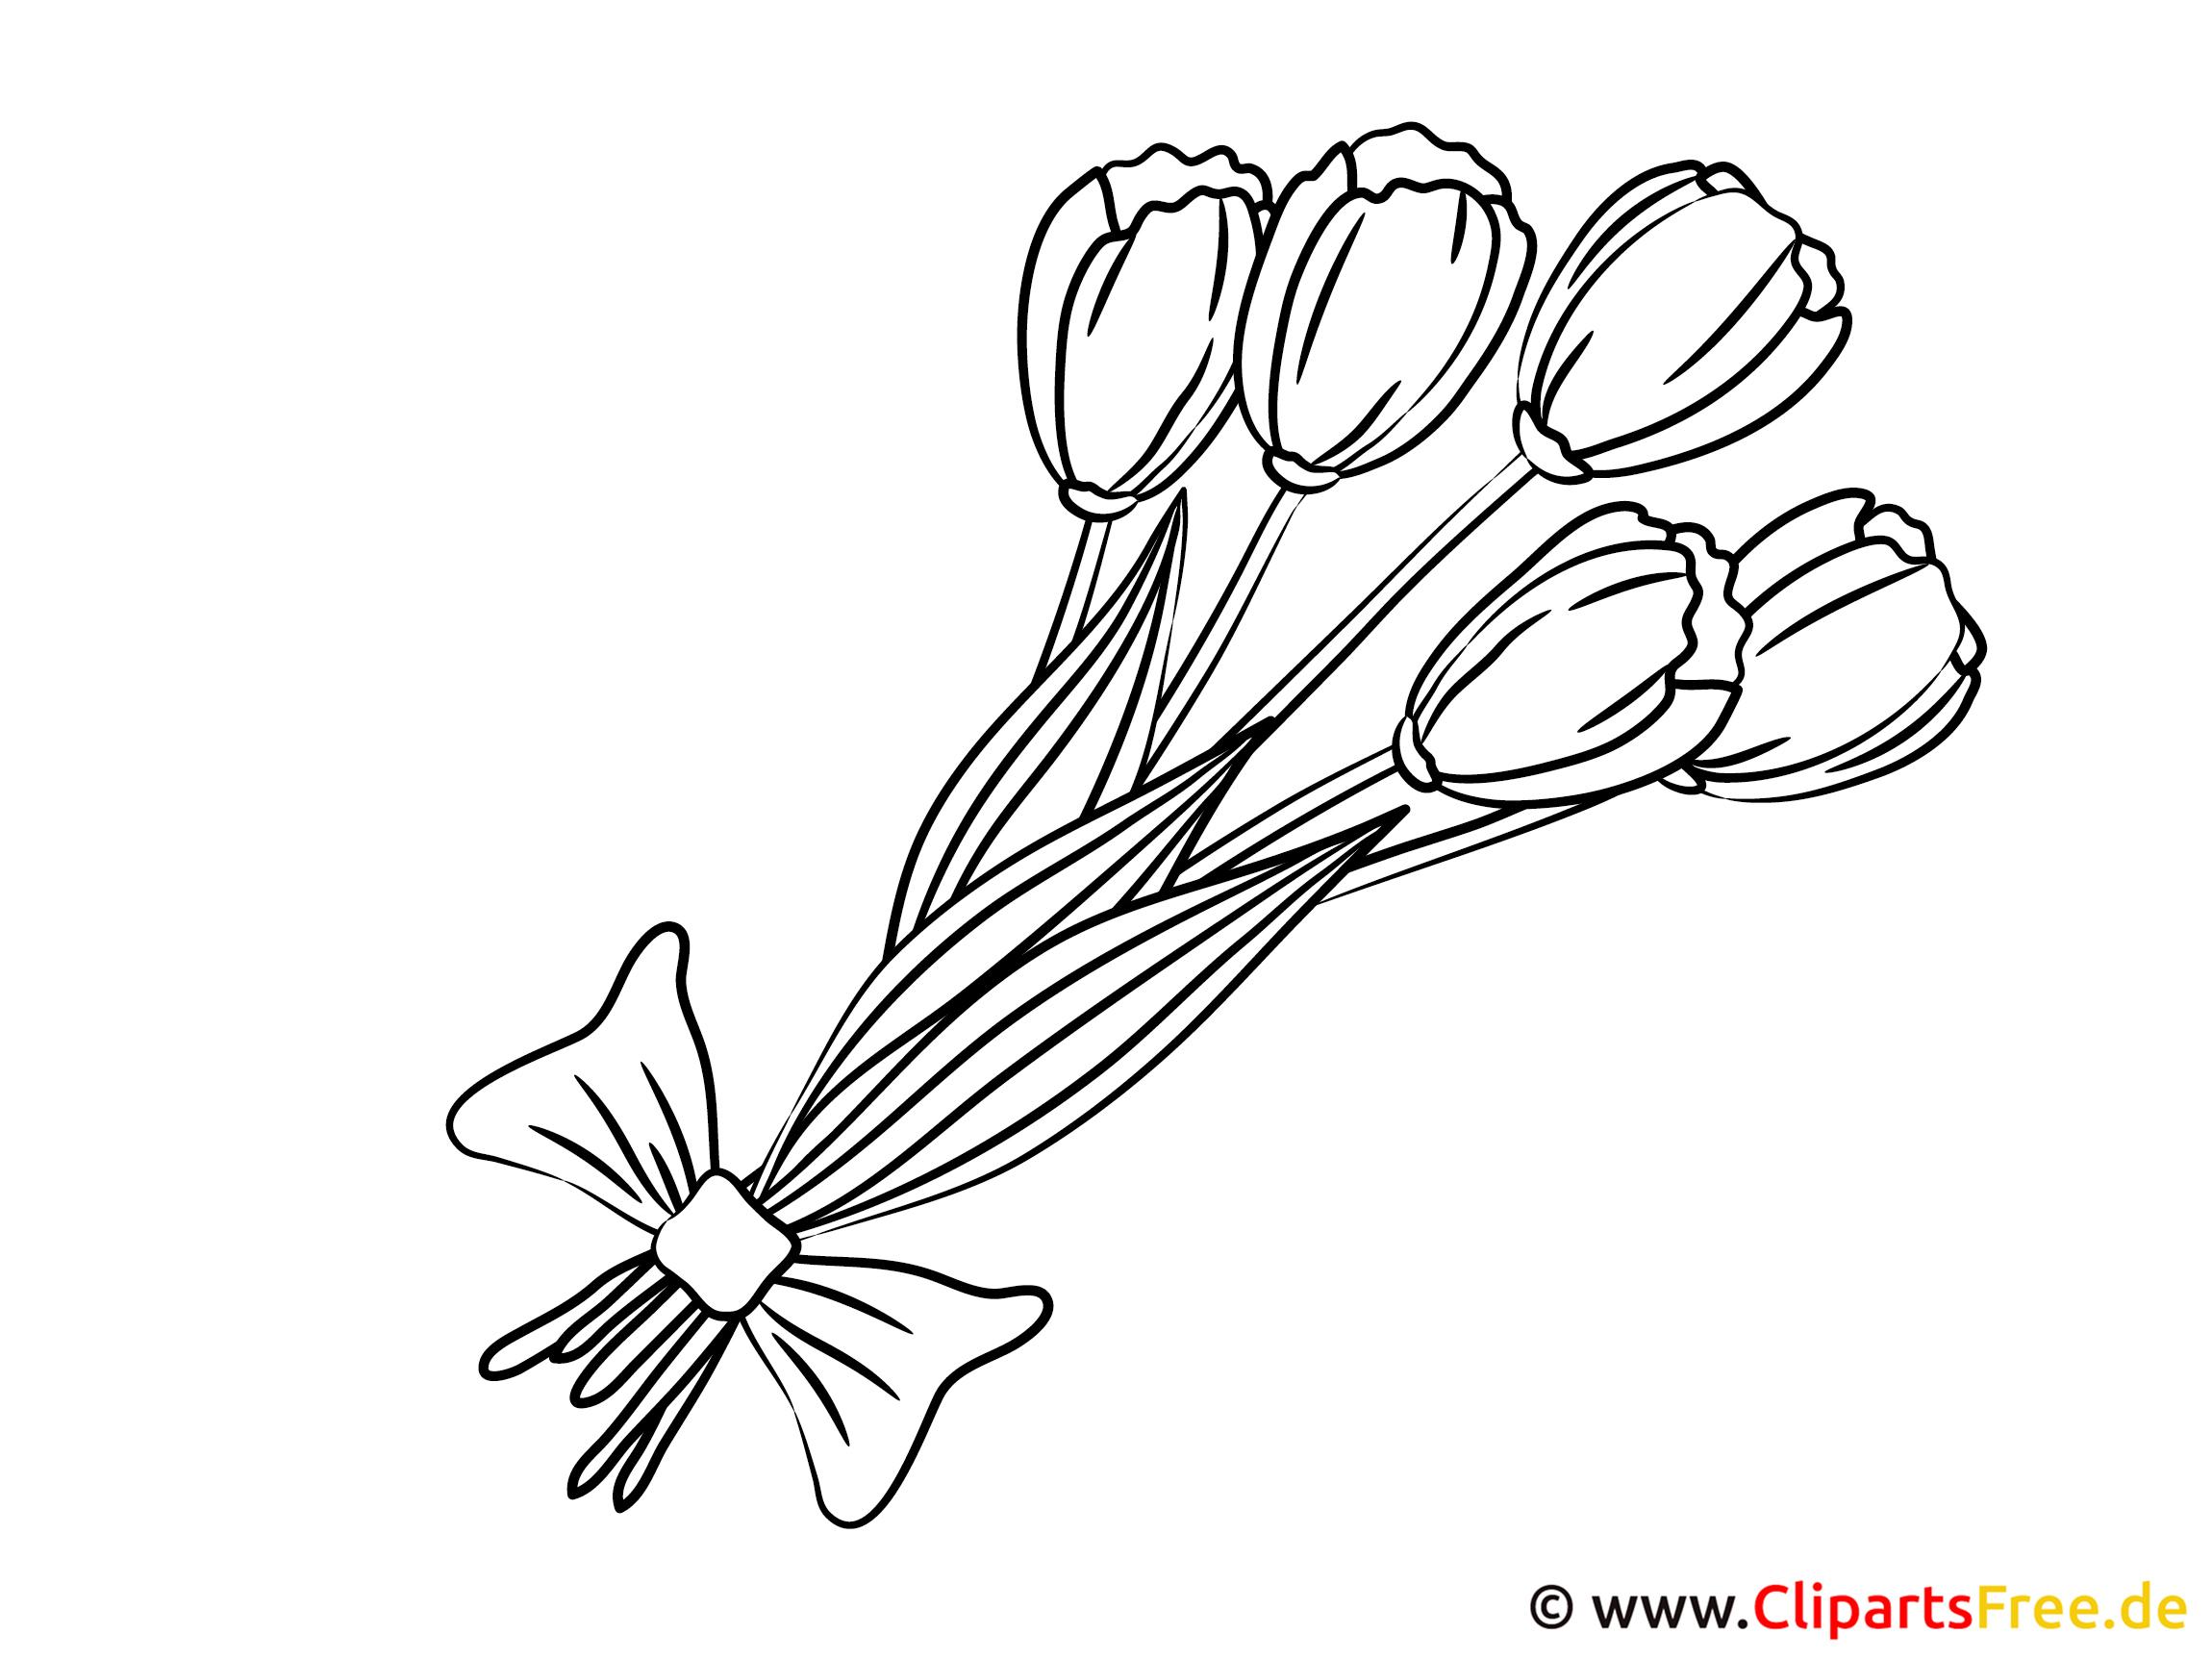 Blumen Vorlagen Zum Ausmalen bestimmt für Blumen Vorlagen Zum Malen